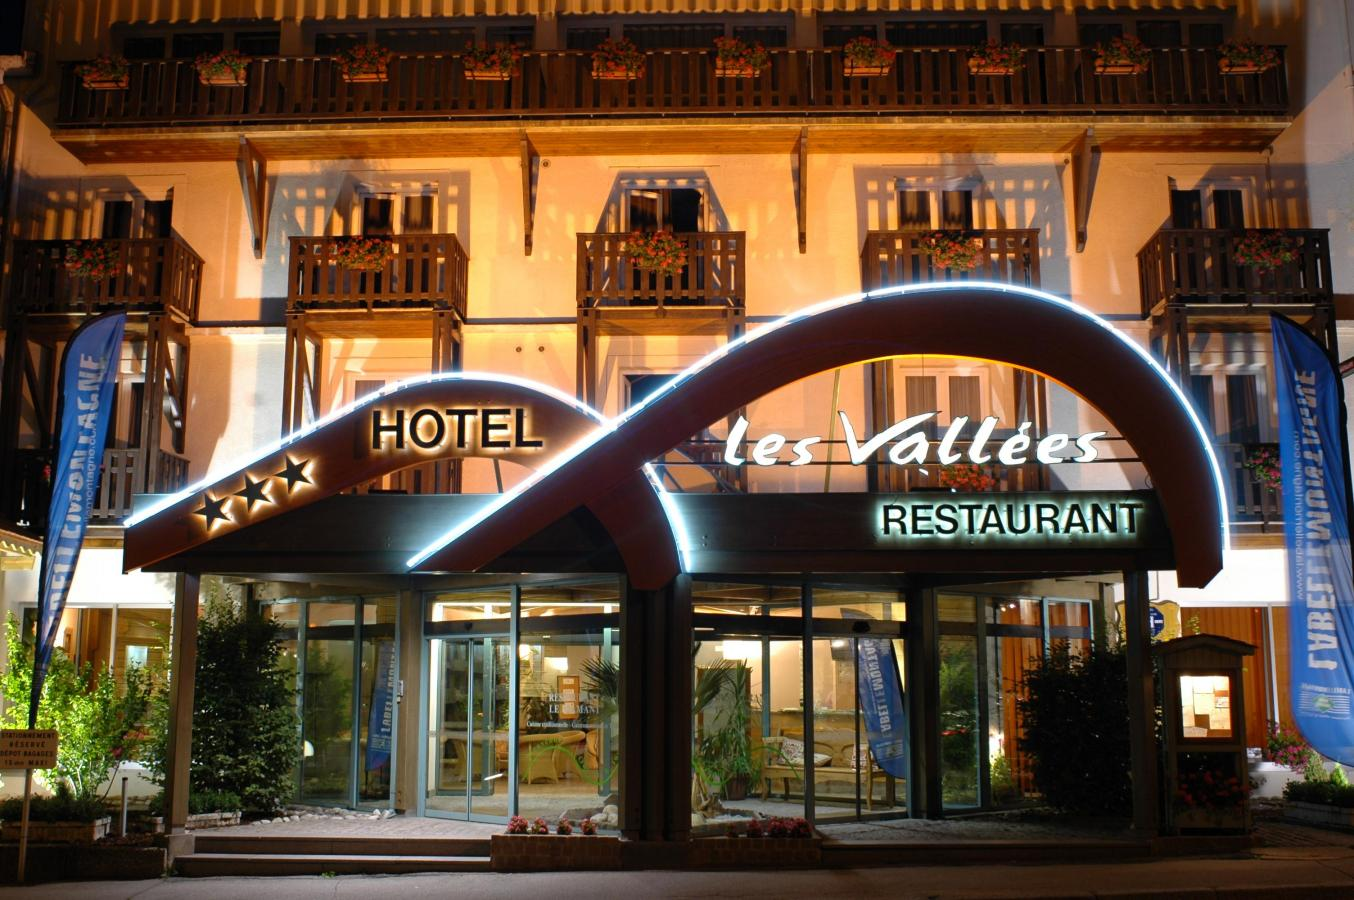 Rental Hotel Les Vallees